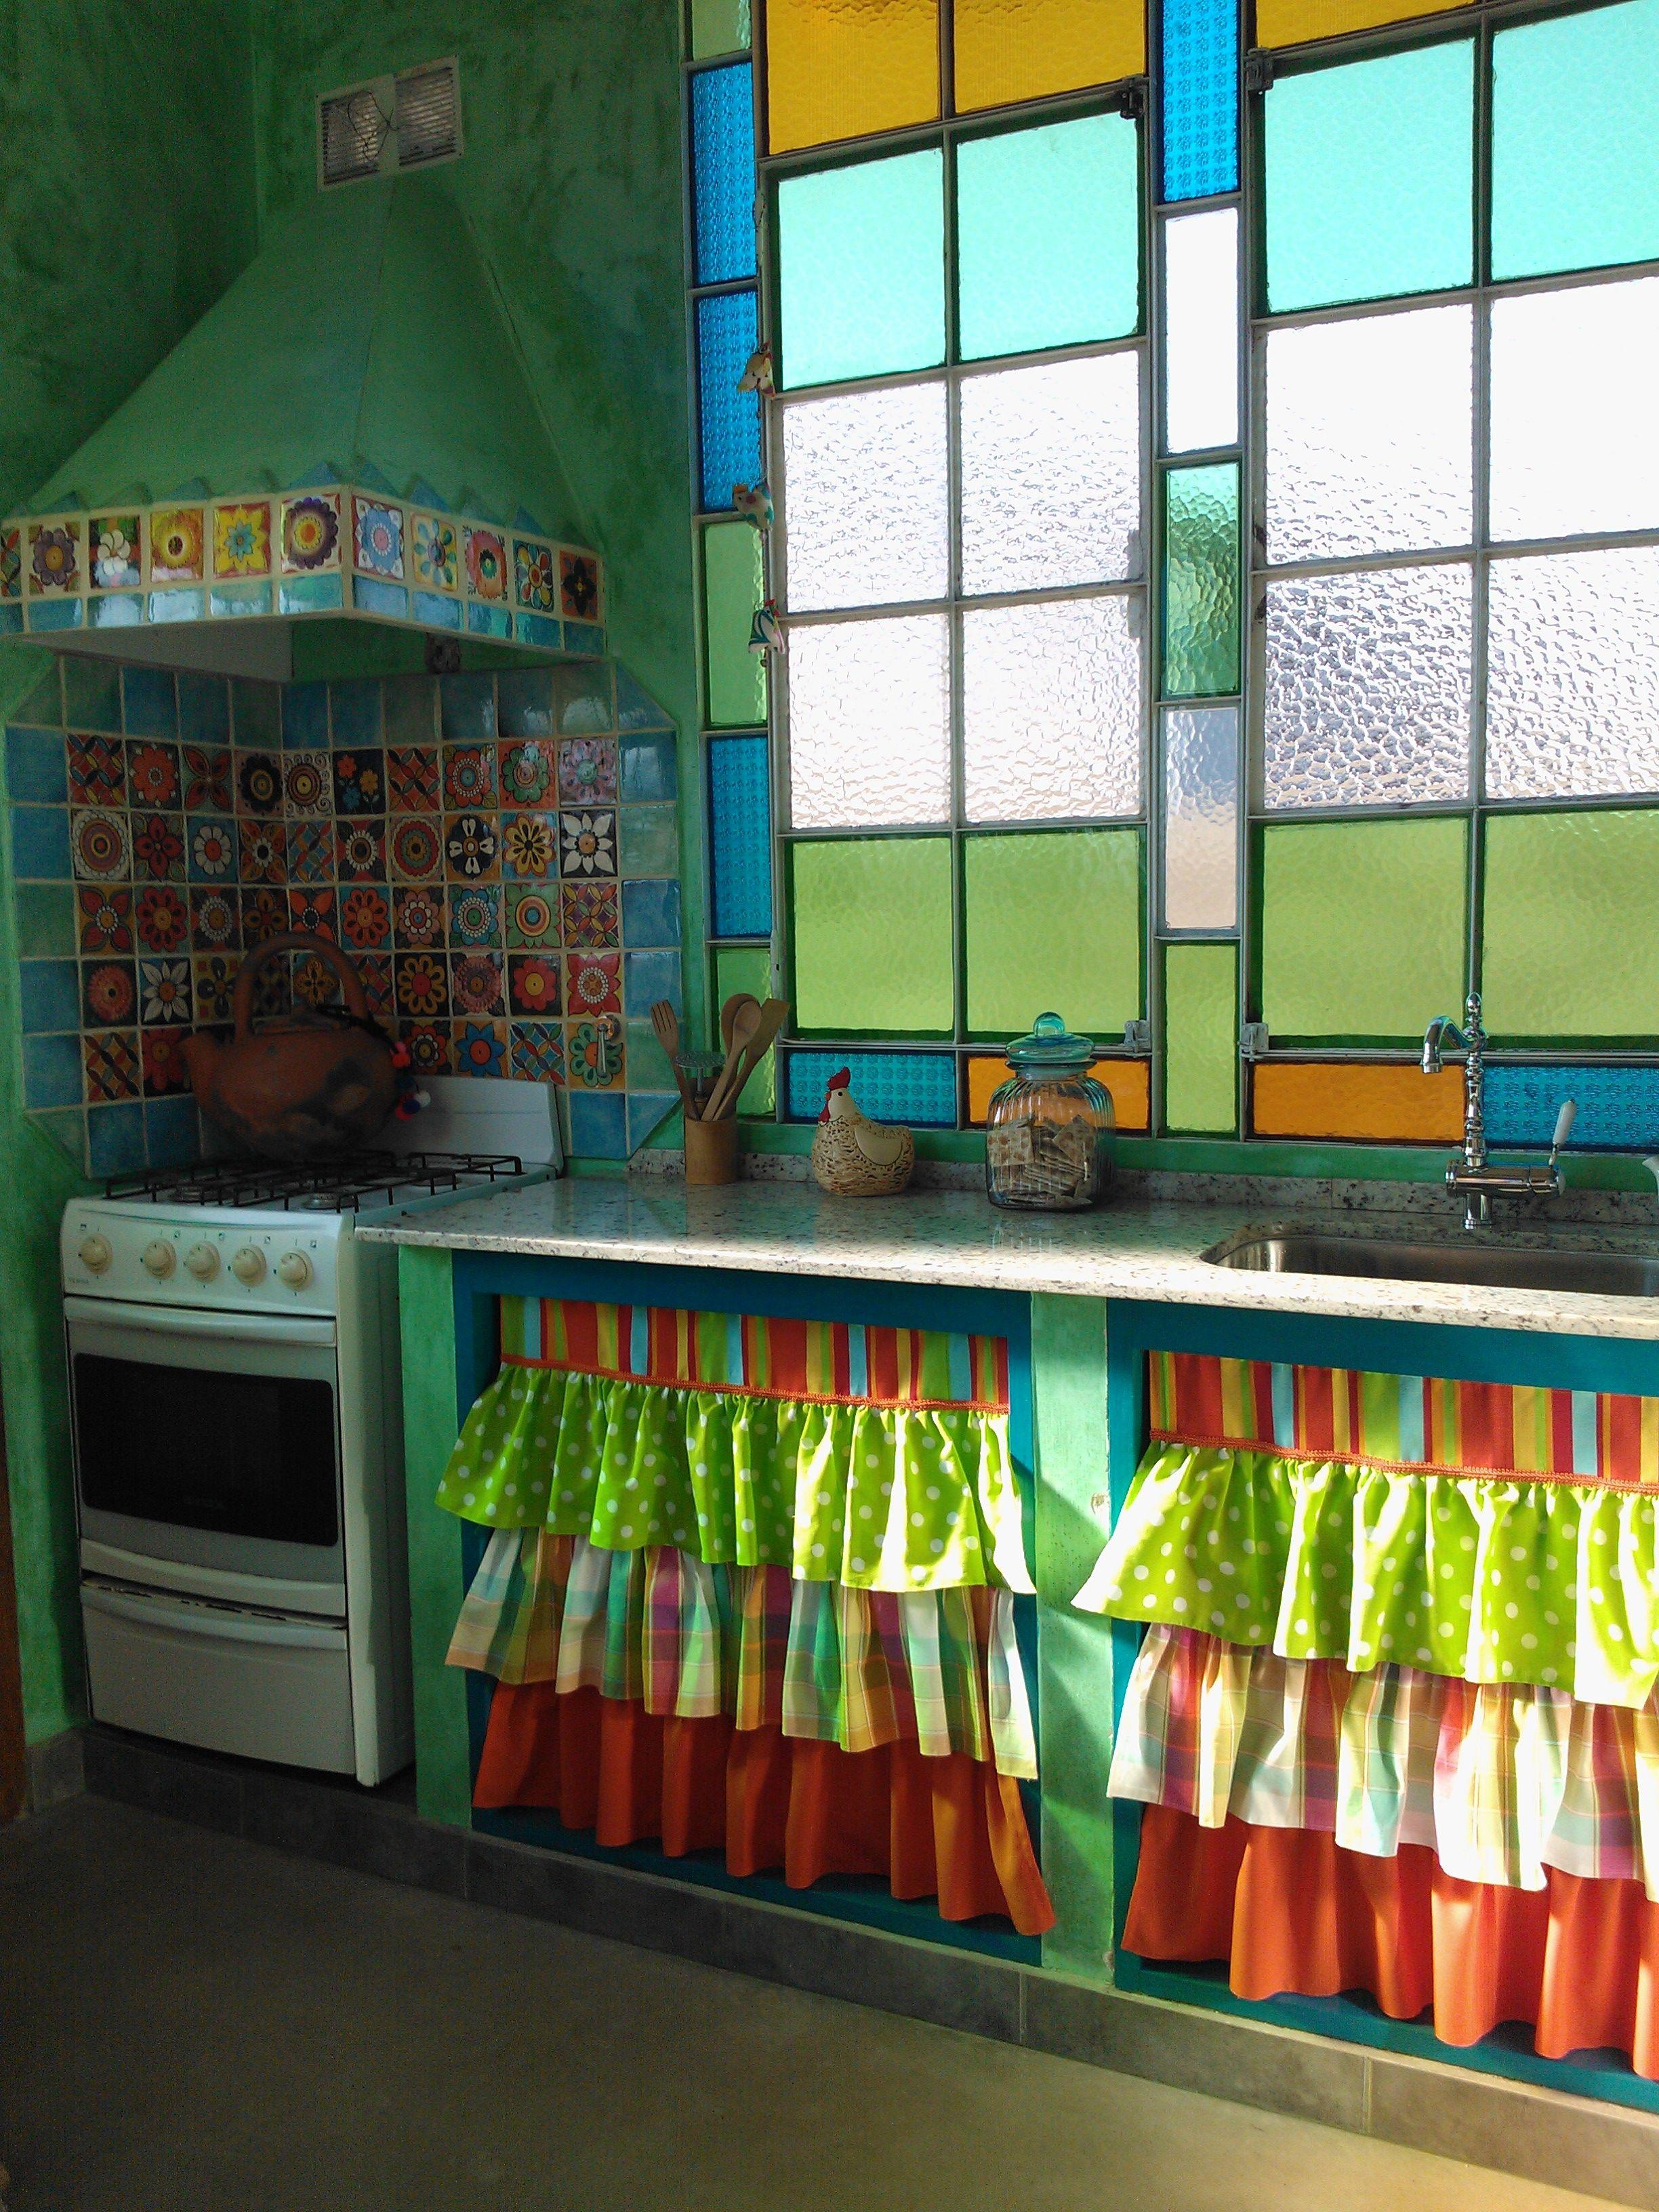 Pin de werkael werner en luv all my house pinterest for Cortinas para muebles de cocina